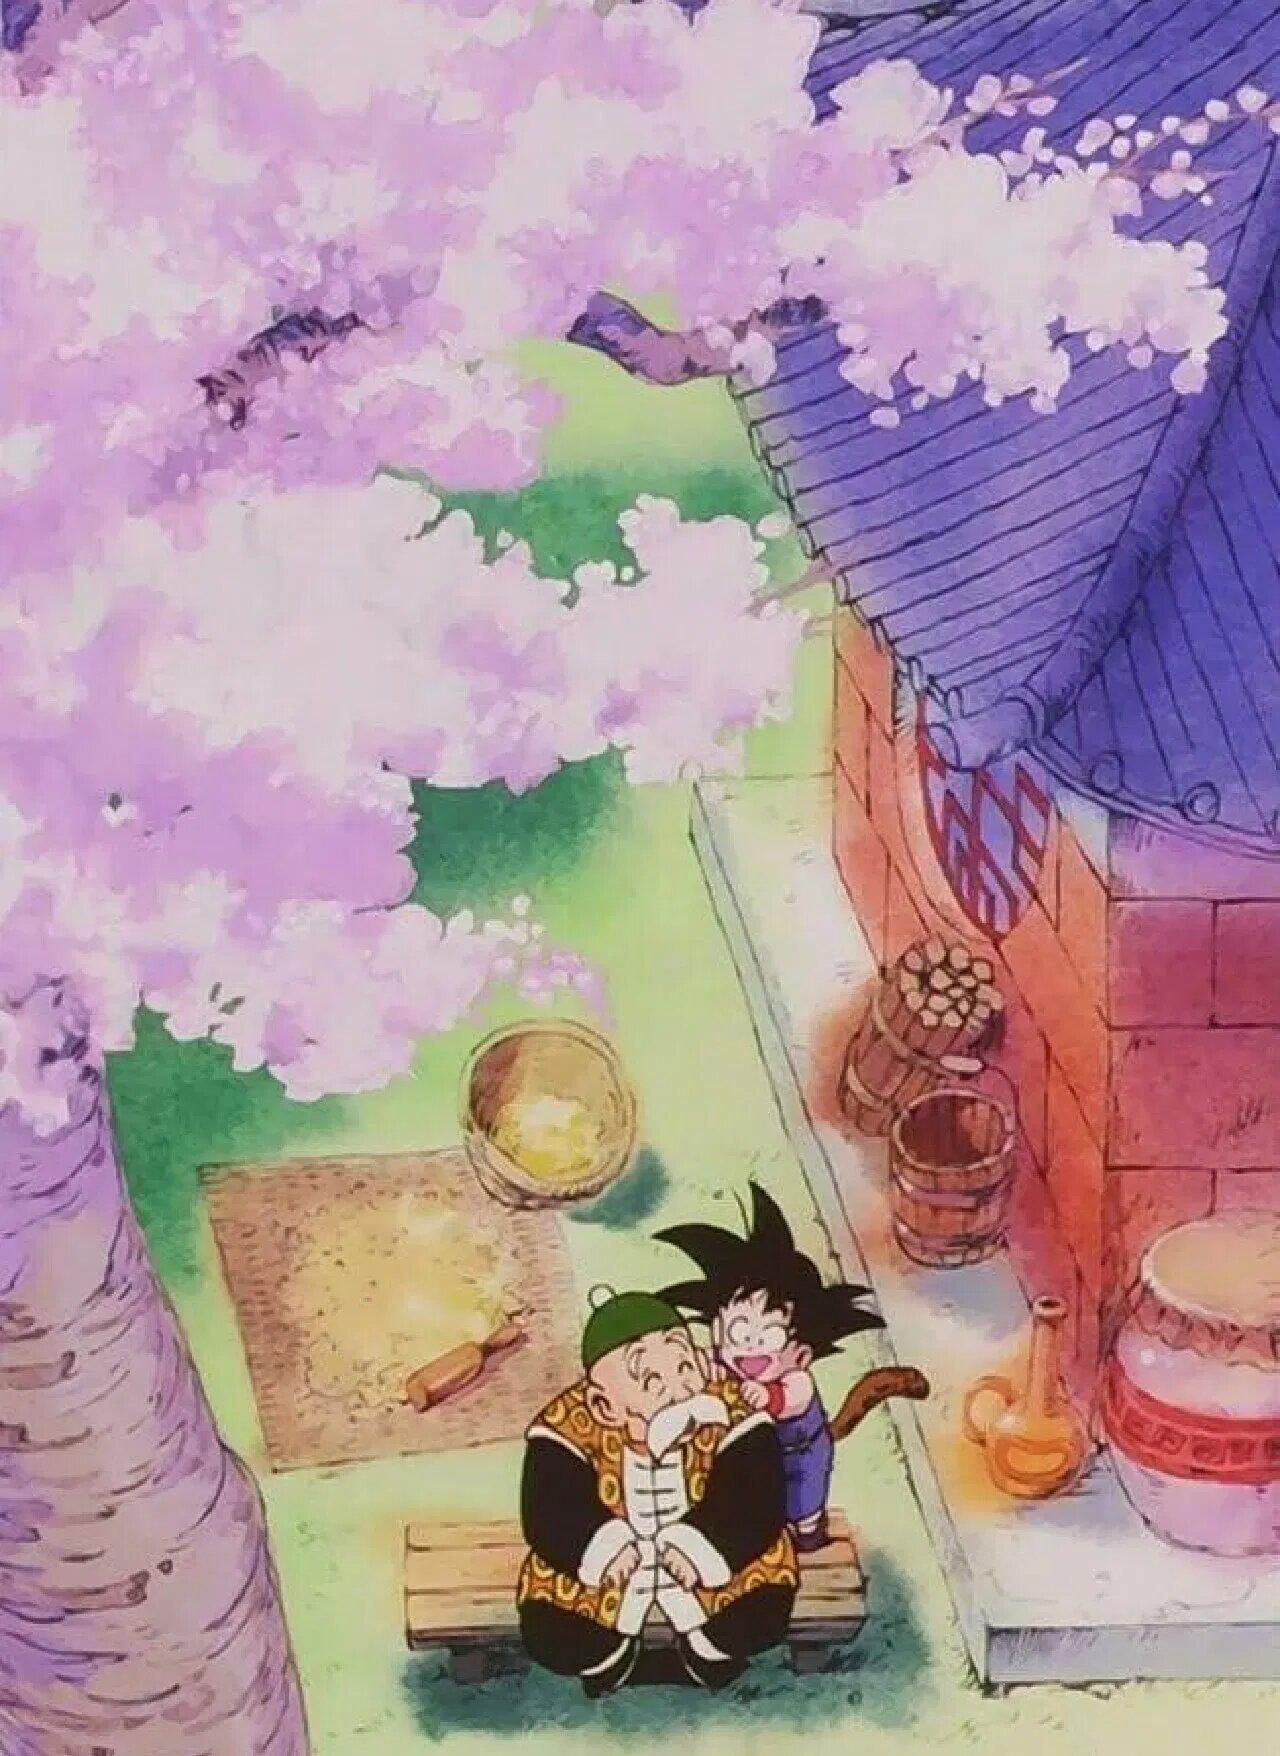 dragon ball abuelo gohan son goku